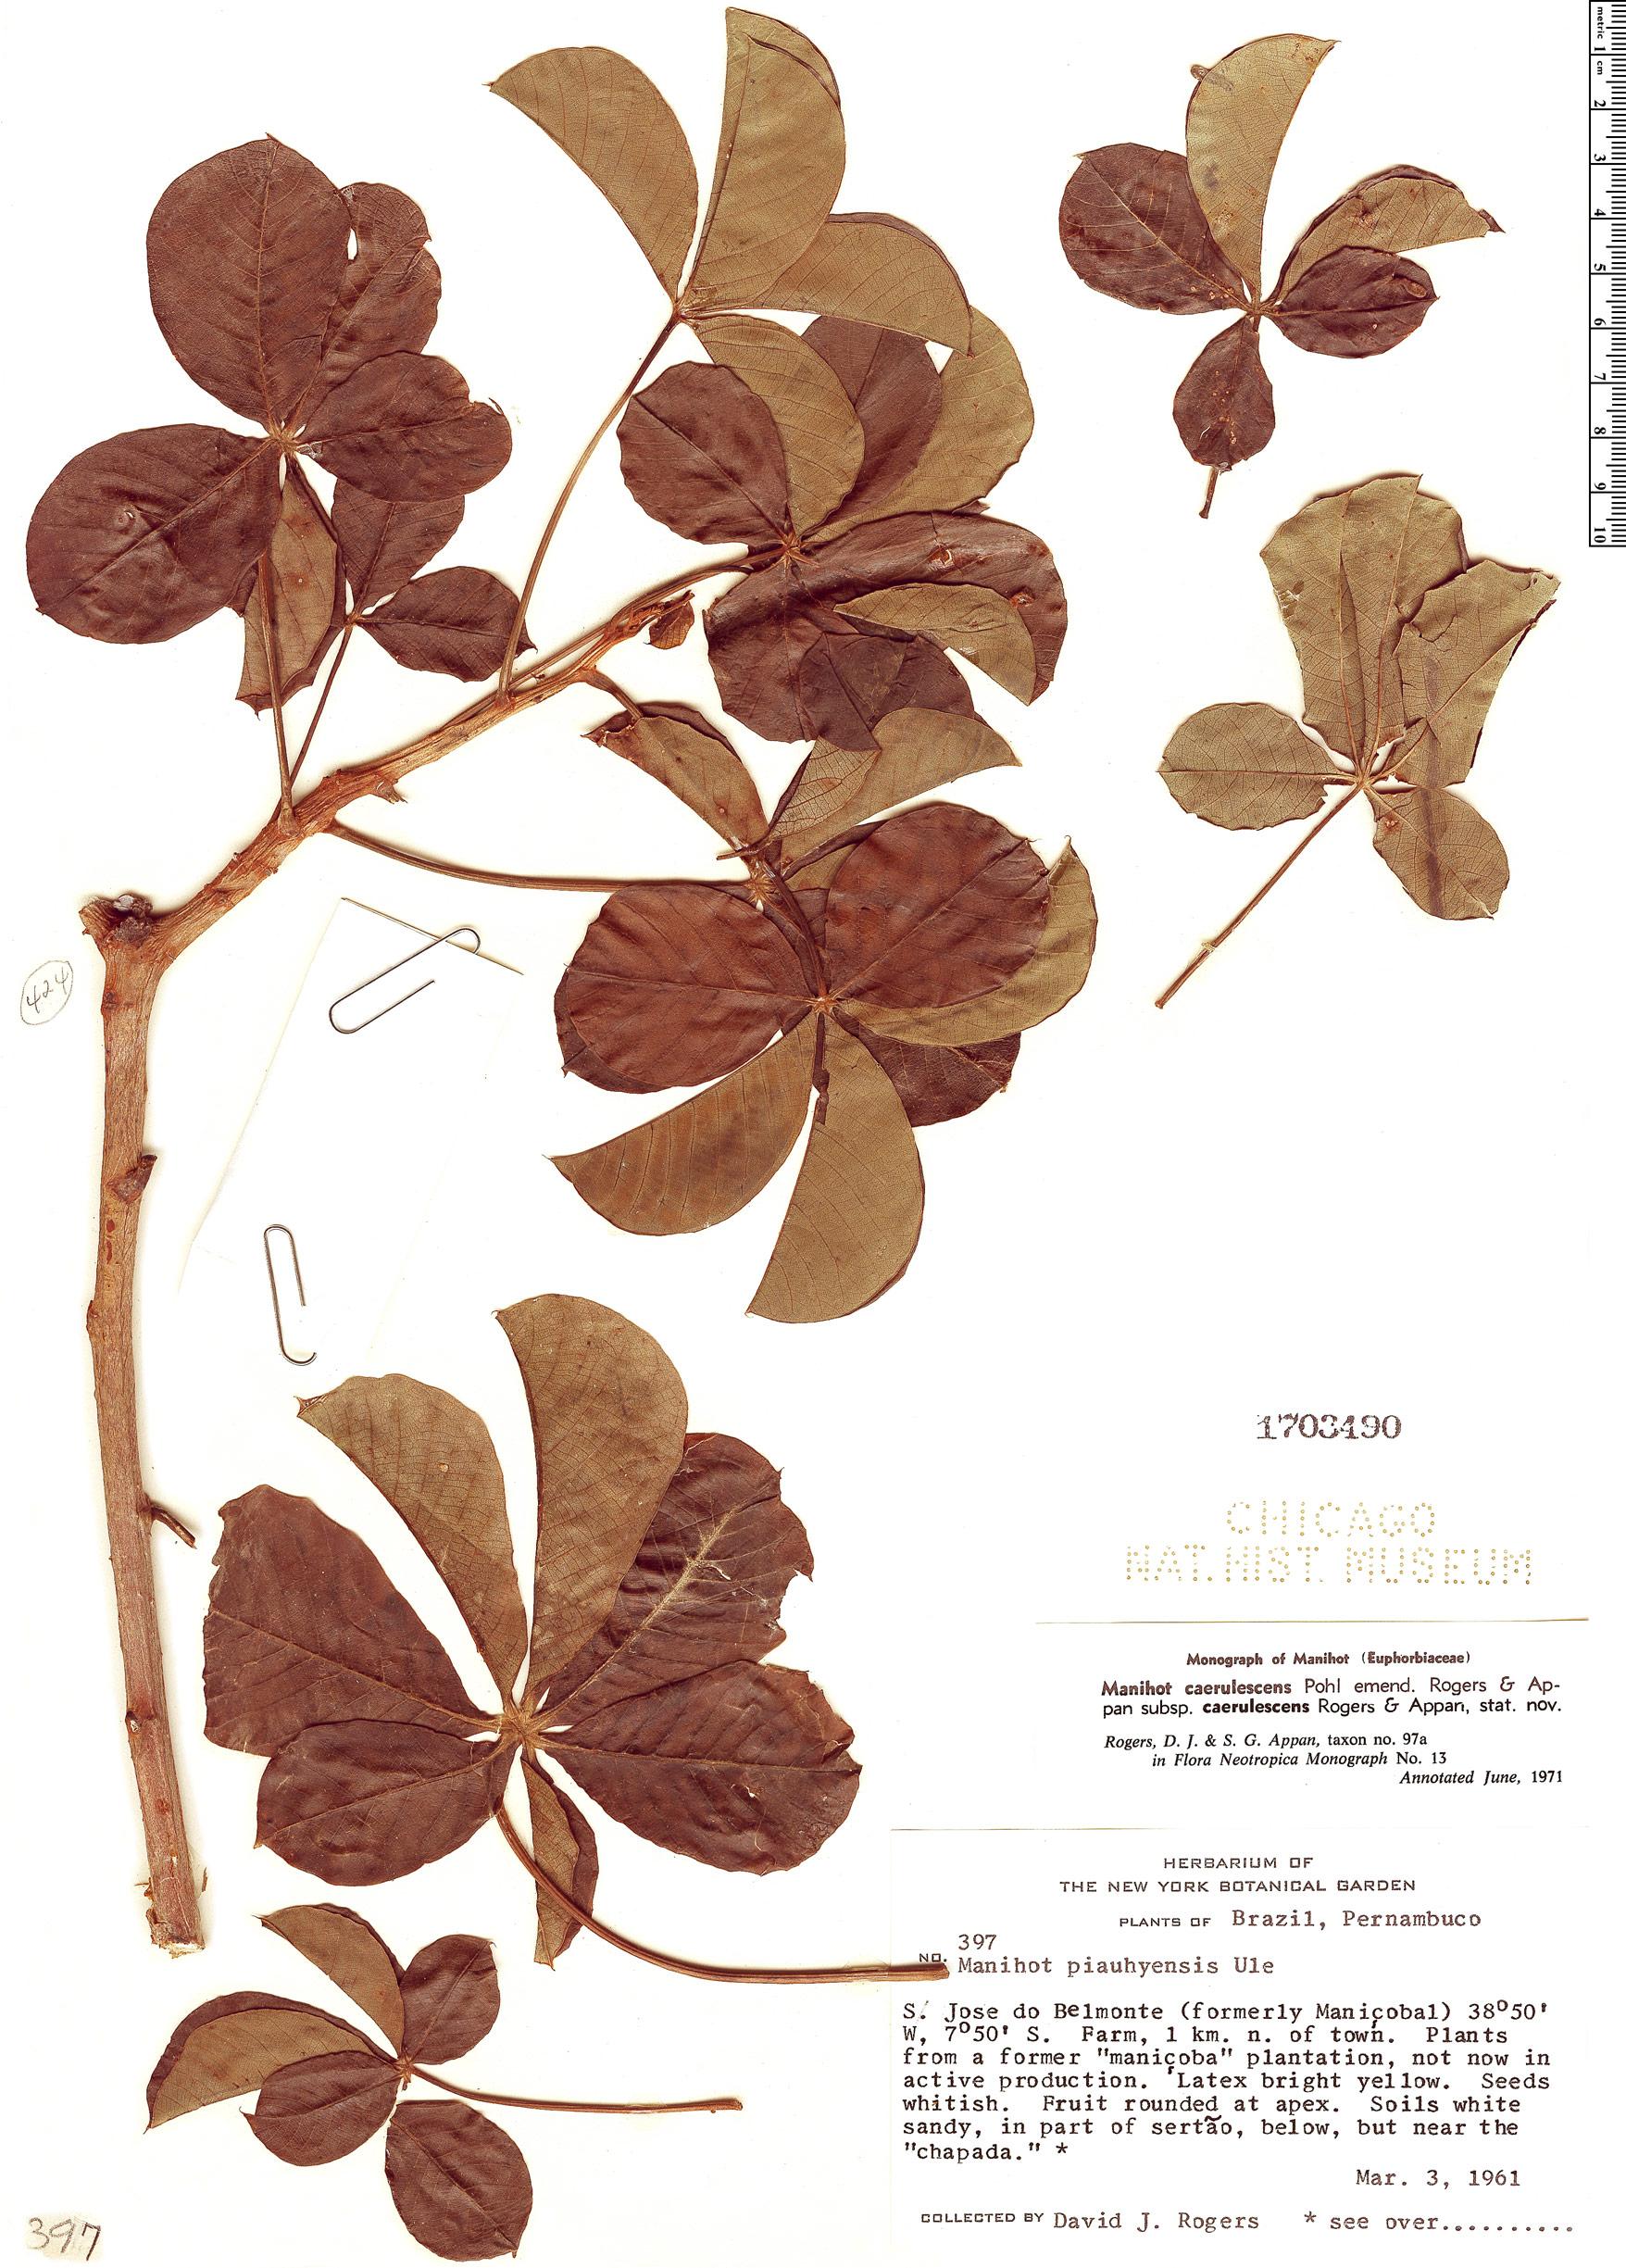 Specimen: Manihot caerulescens